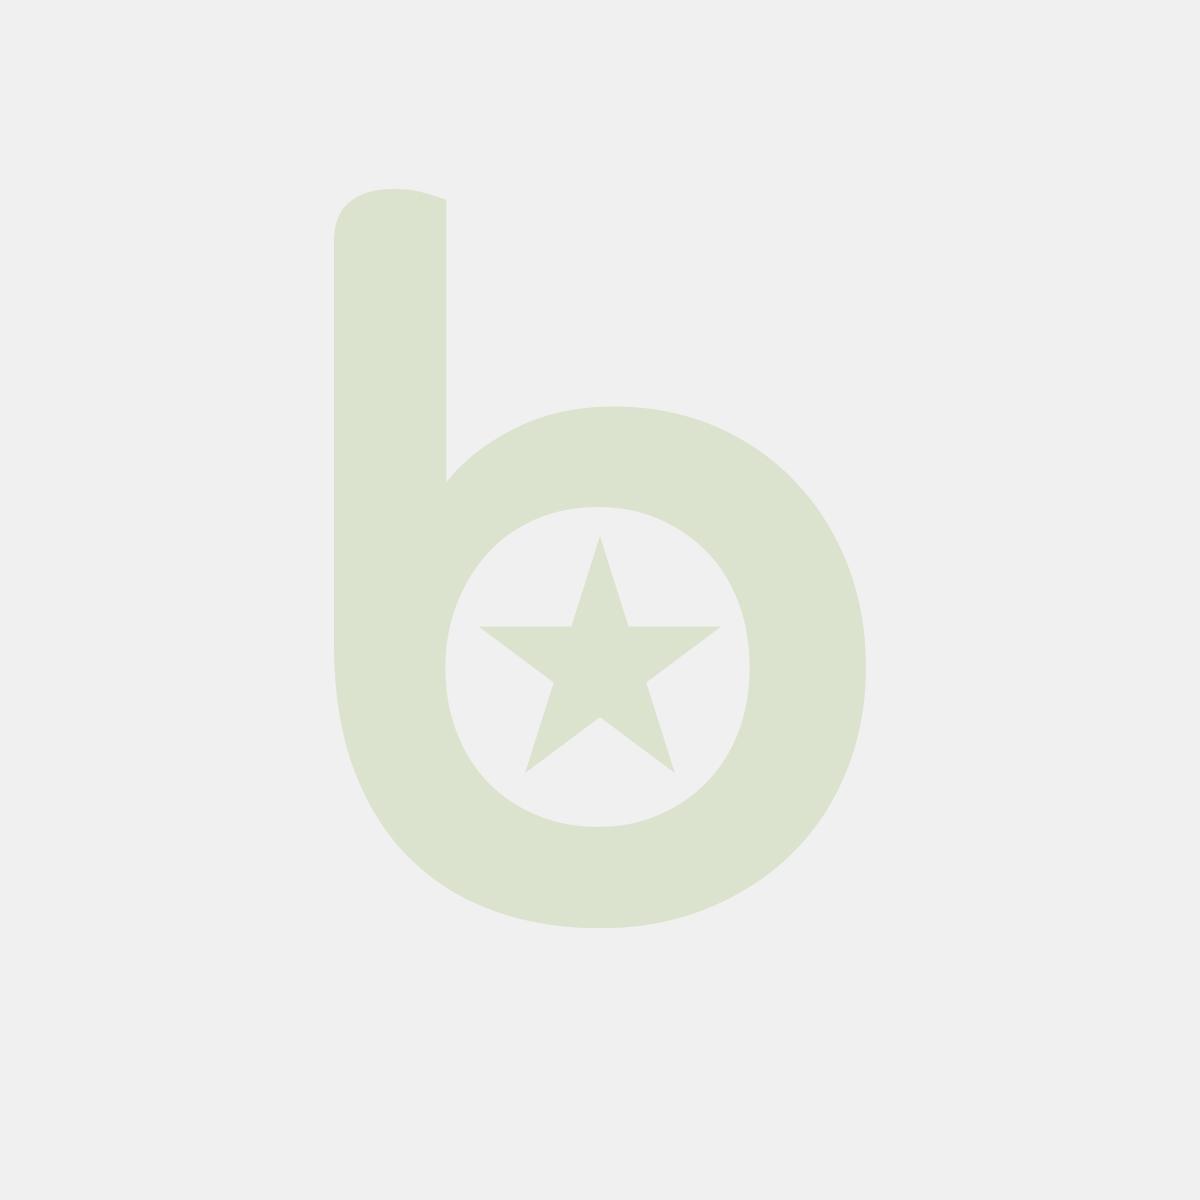 Torba klockowa biała 320/220/245 z uchem płaskim (szerokie dno)